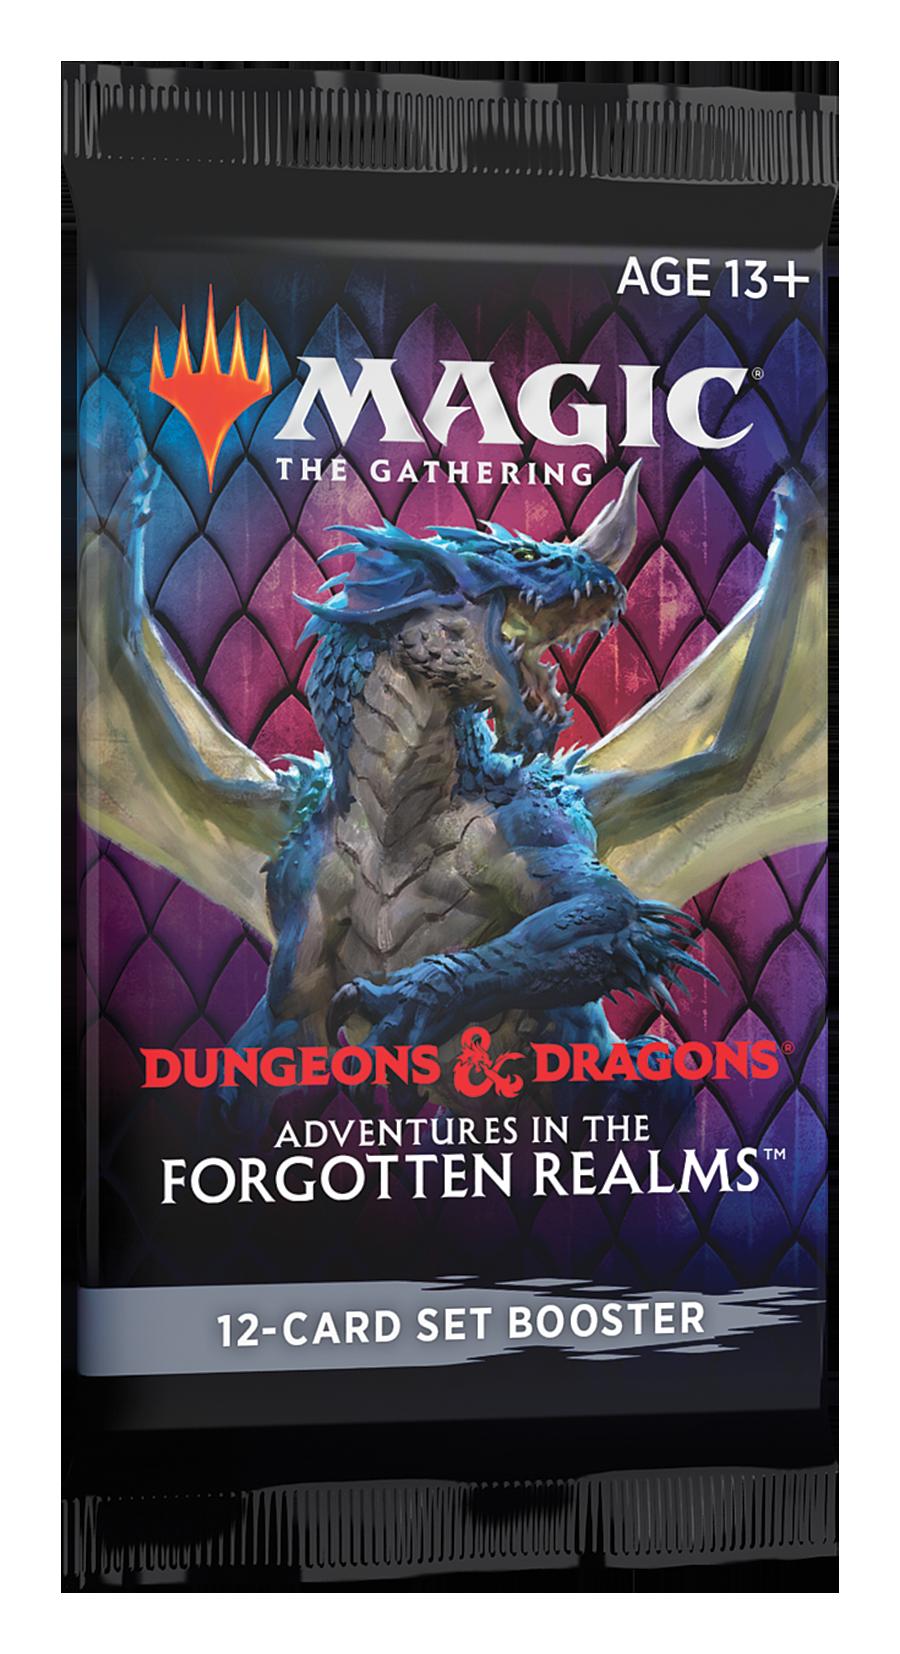 D&D Forgotten Realms Set Booster Pack